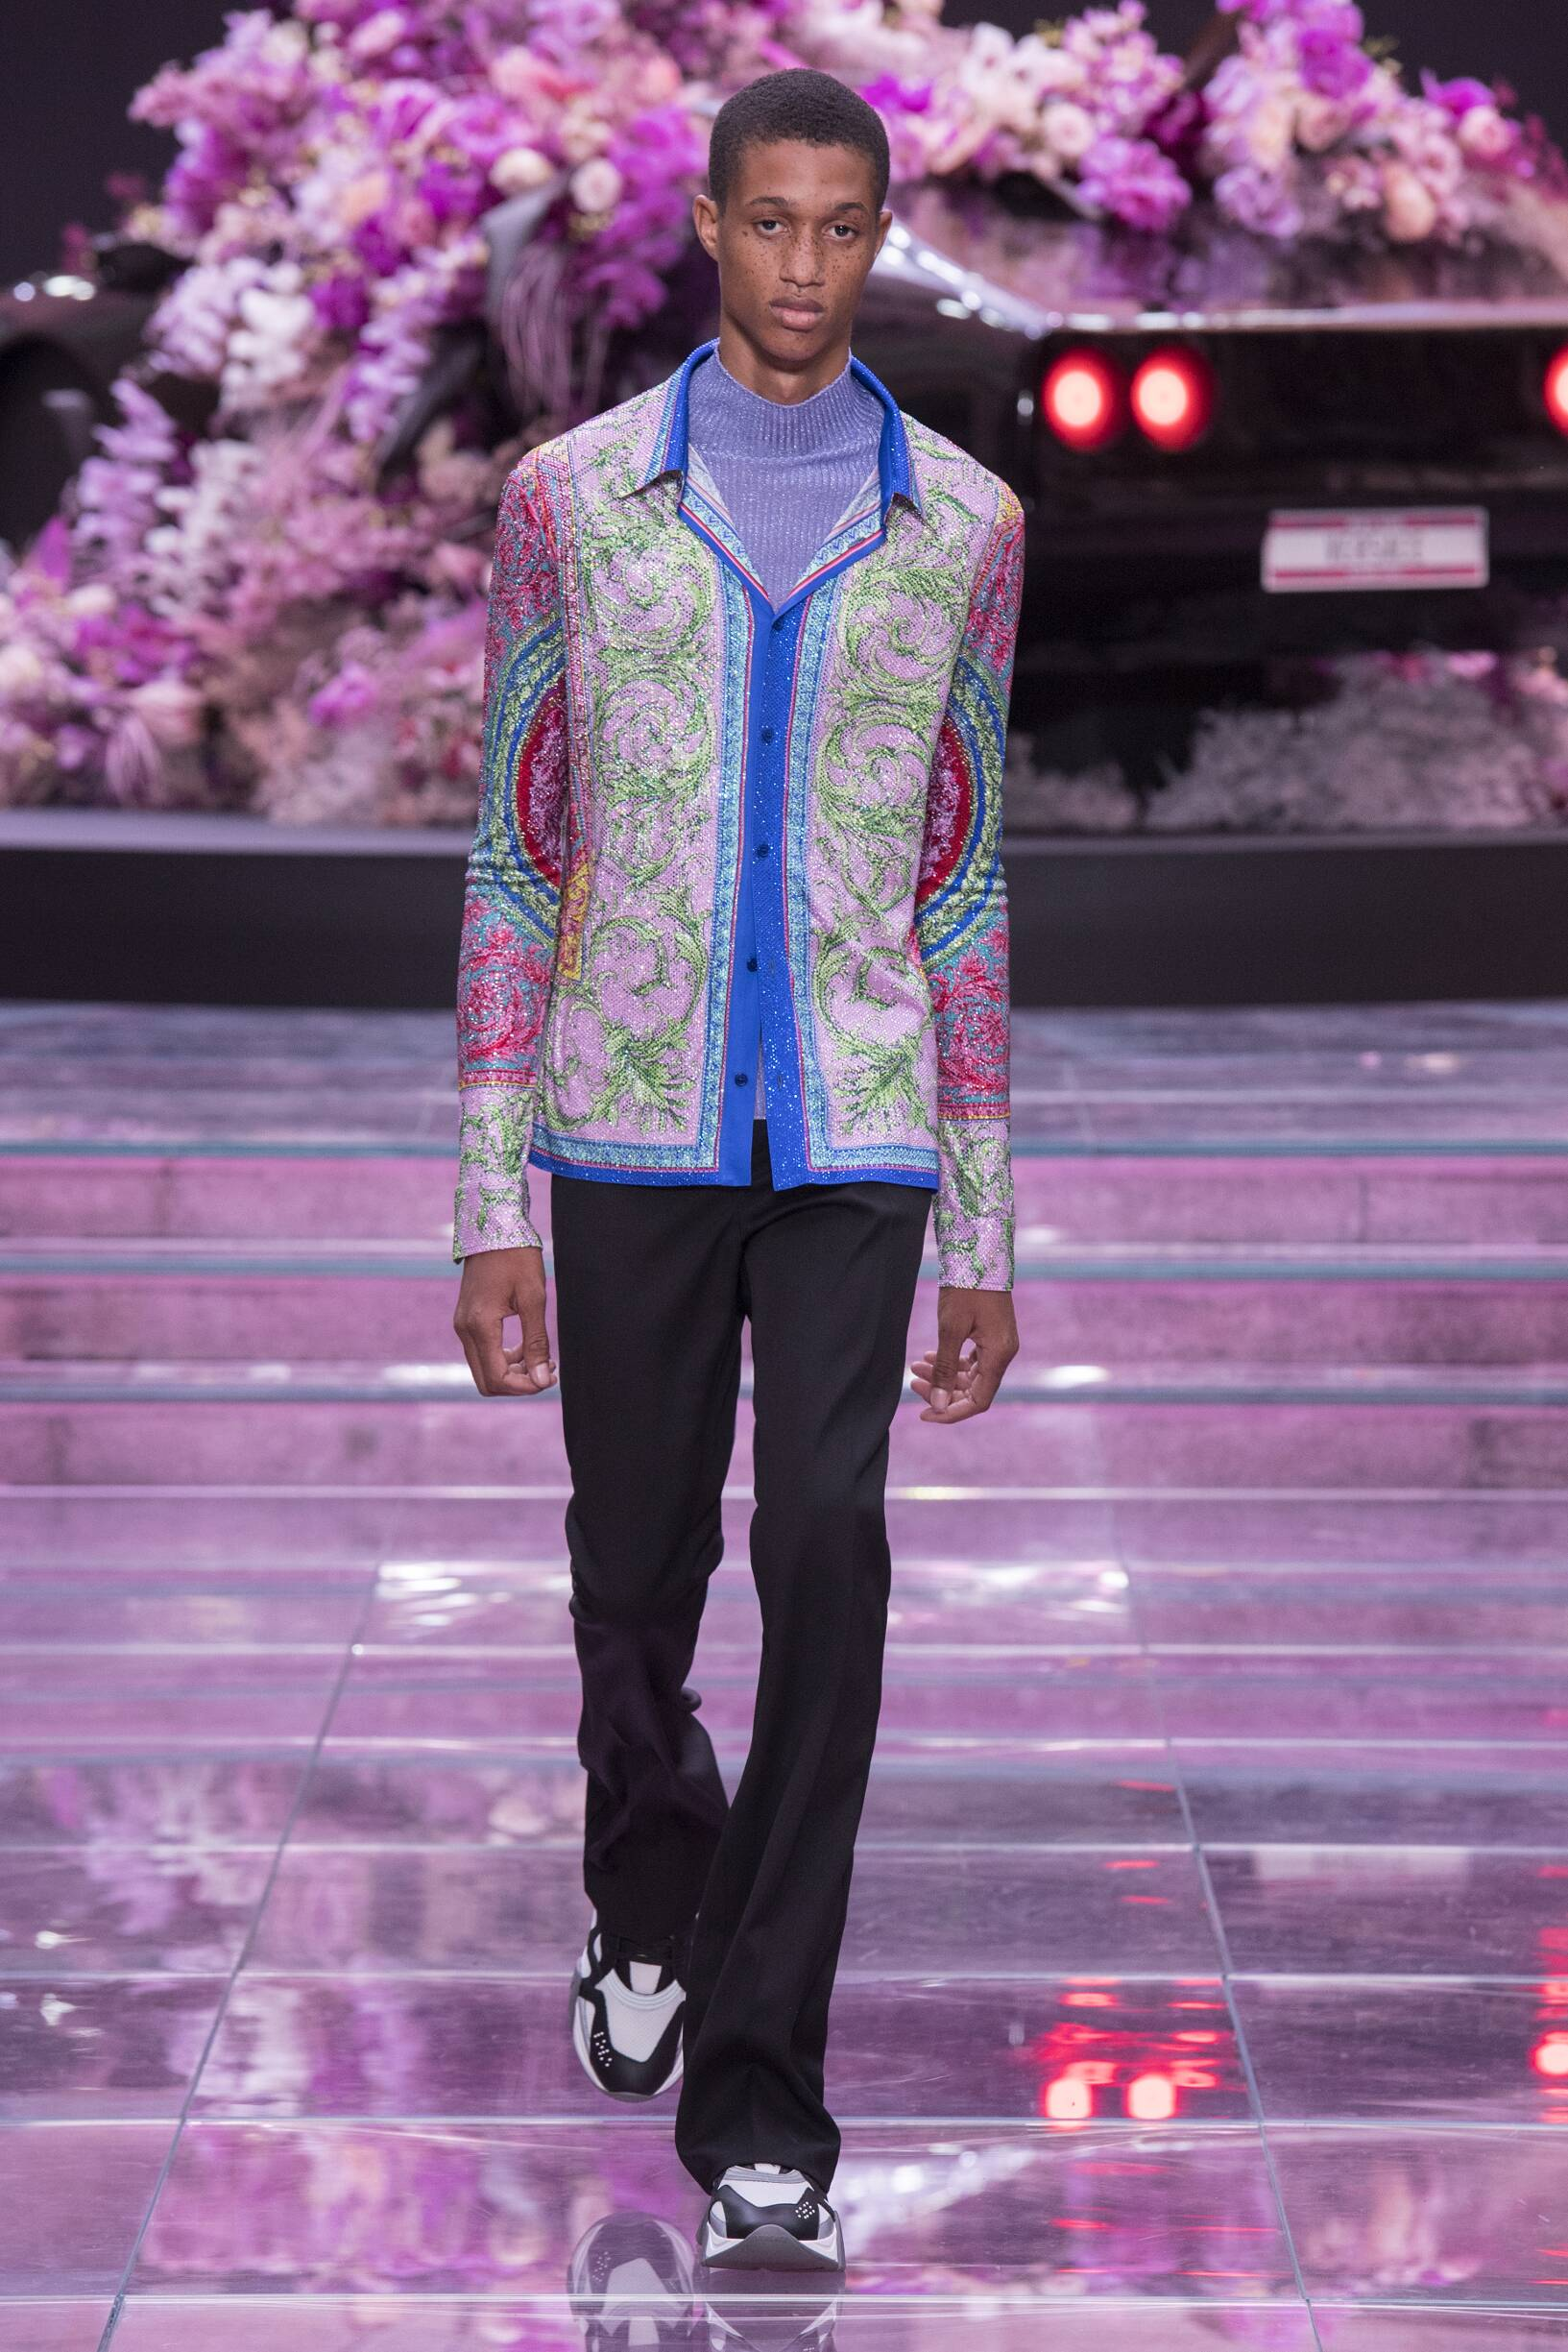 2020 Versace Summer Catwalk